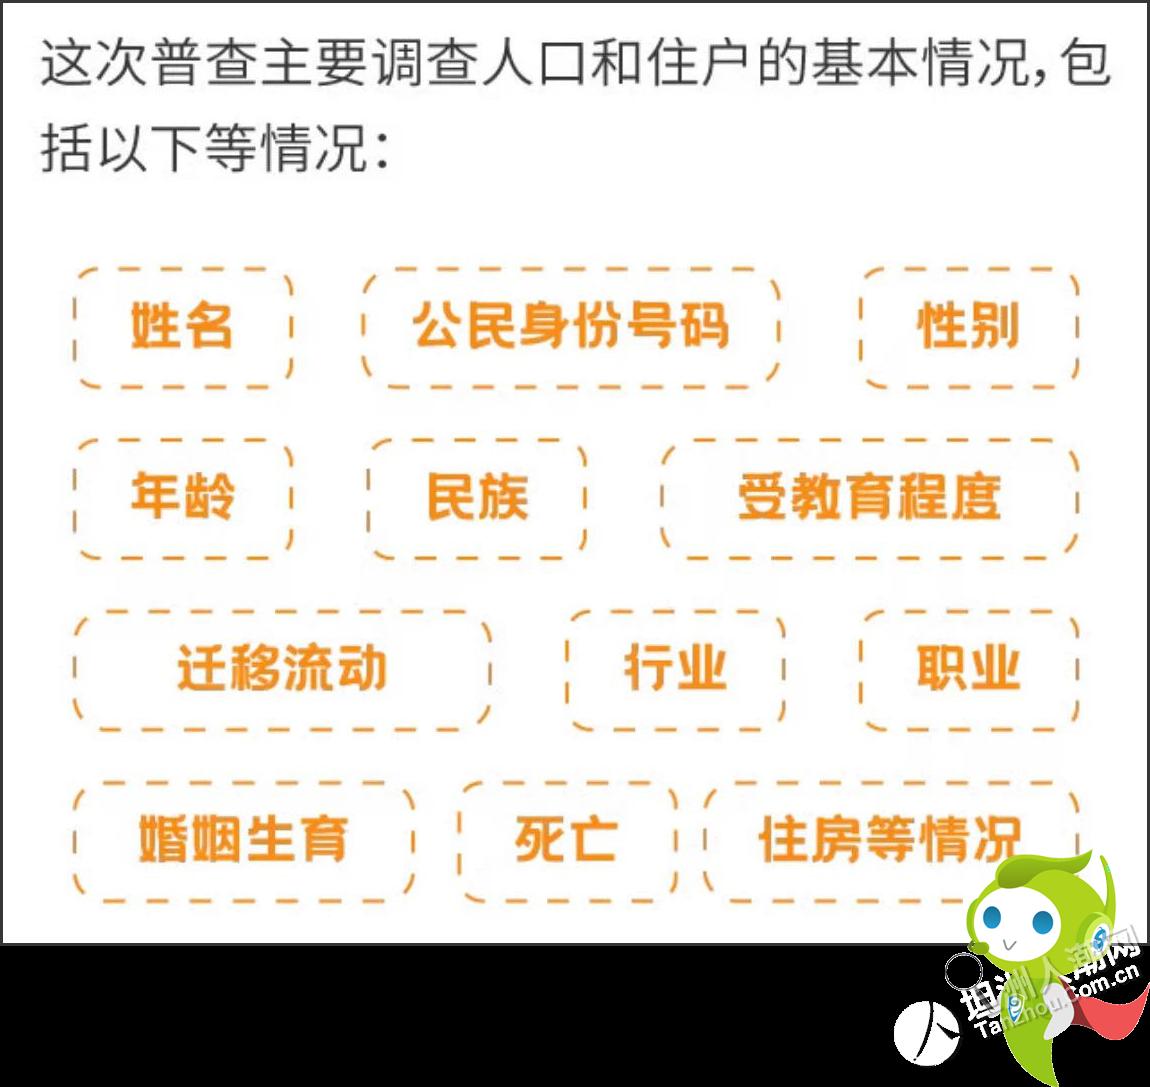 【七人普】关于第七次全国人口普查,这些误读你信了么?